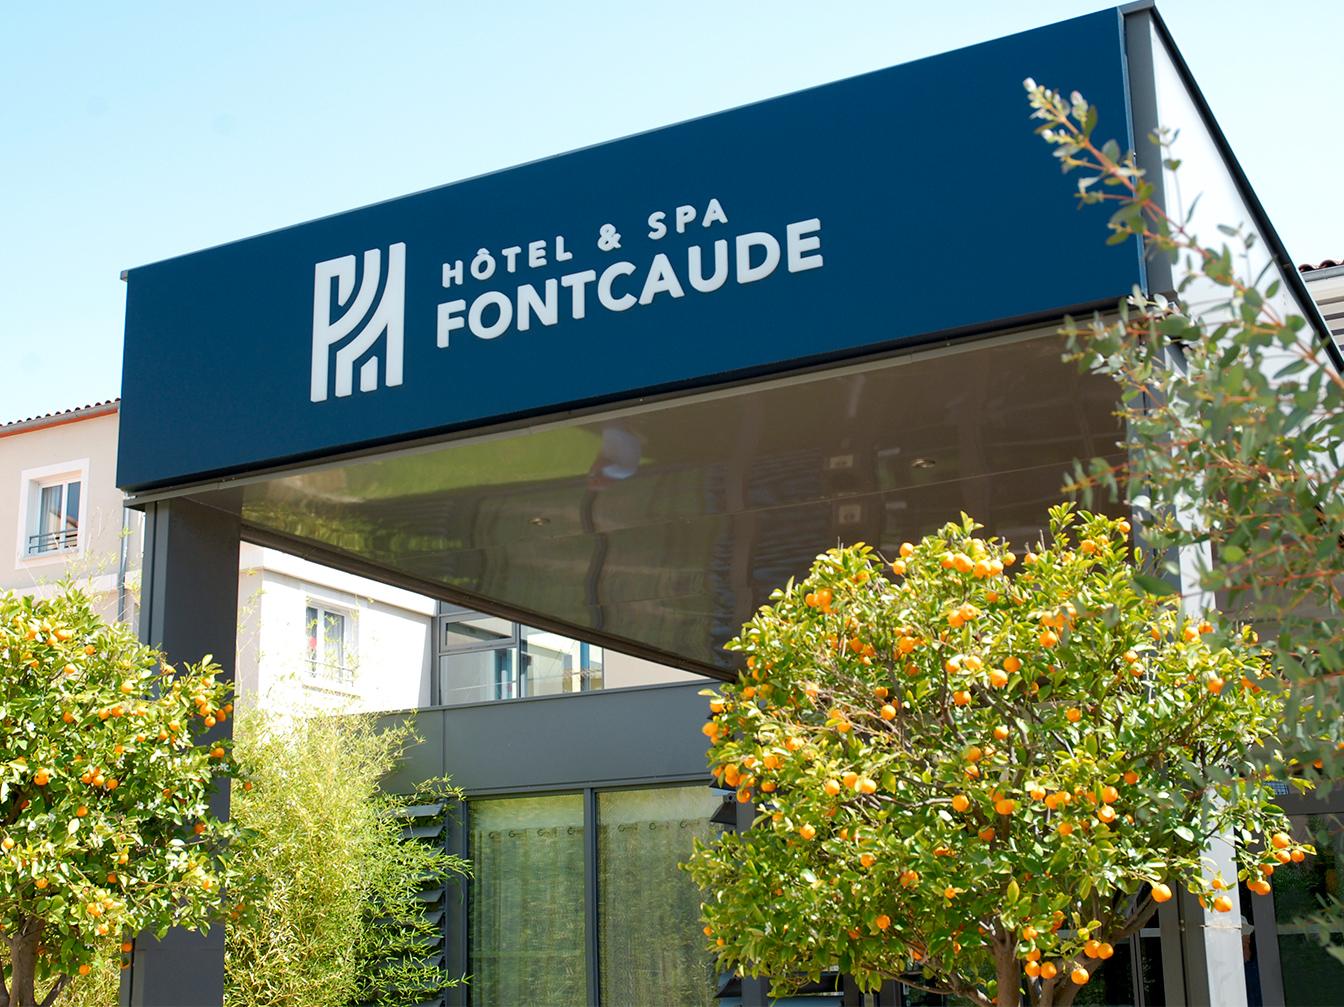 Hôtel & Spa de Fontcaude : Enseigne